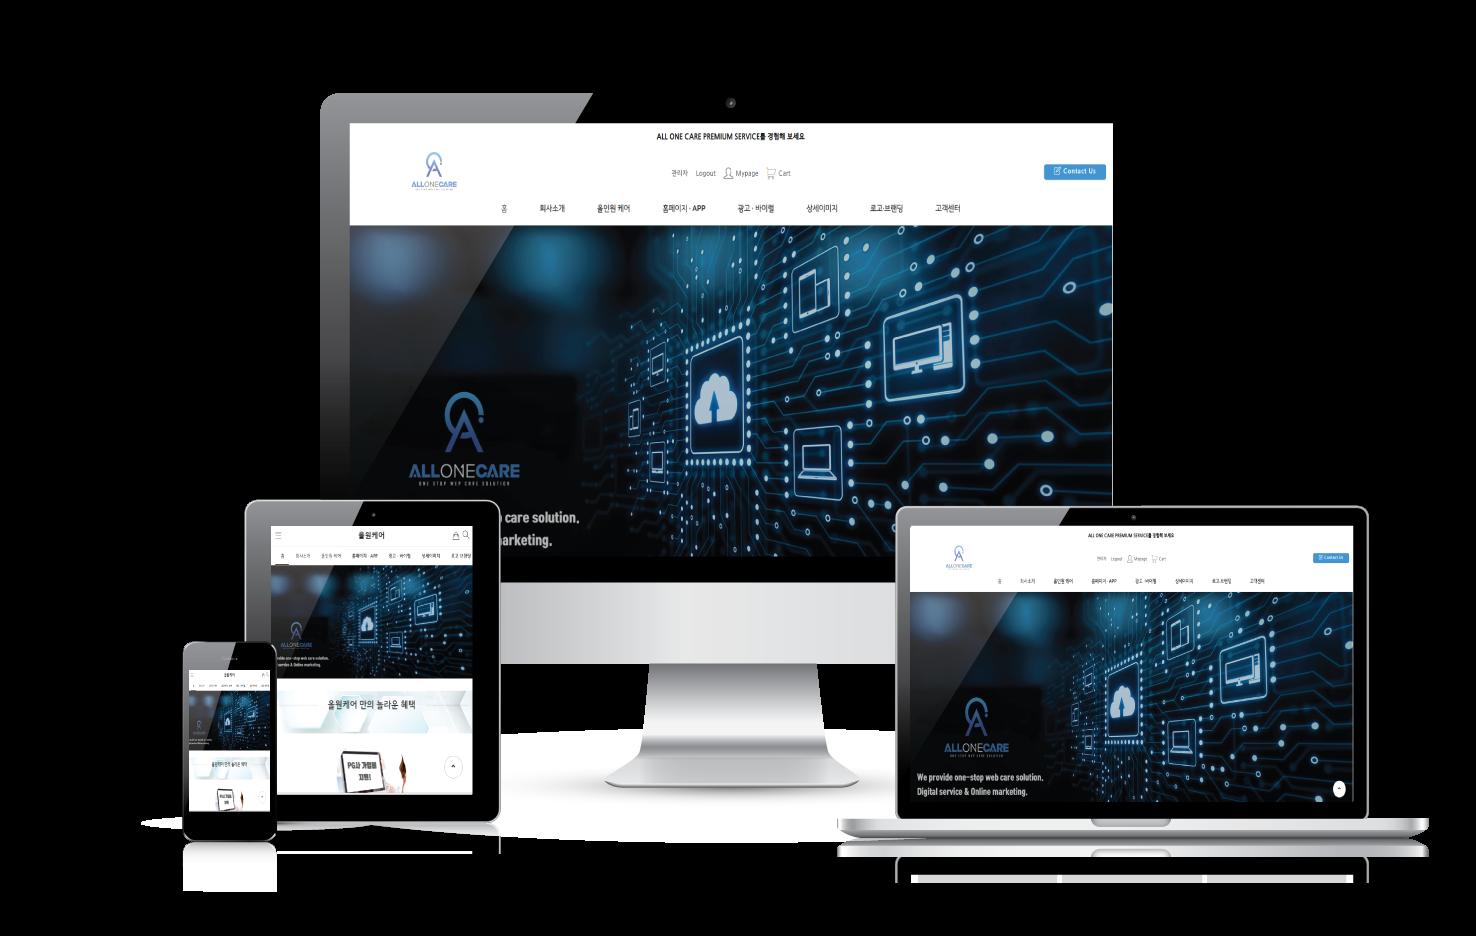 다양한 디바이스에 최적화된 반응형 홈페이지 구축